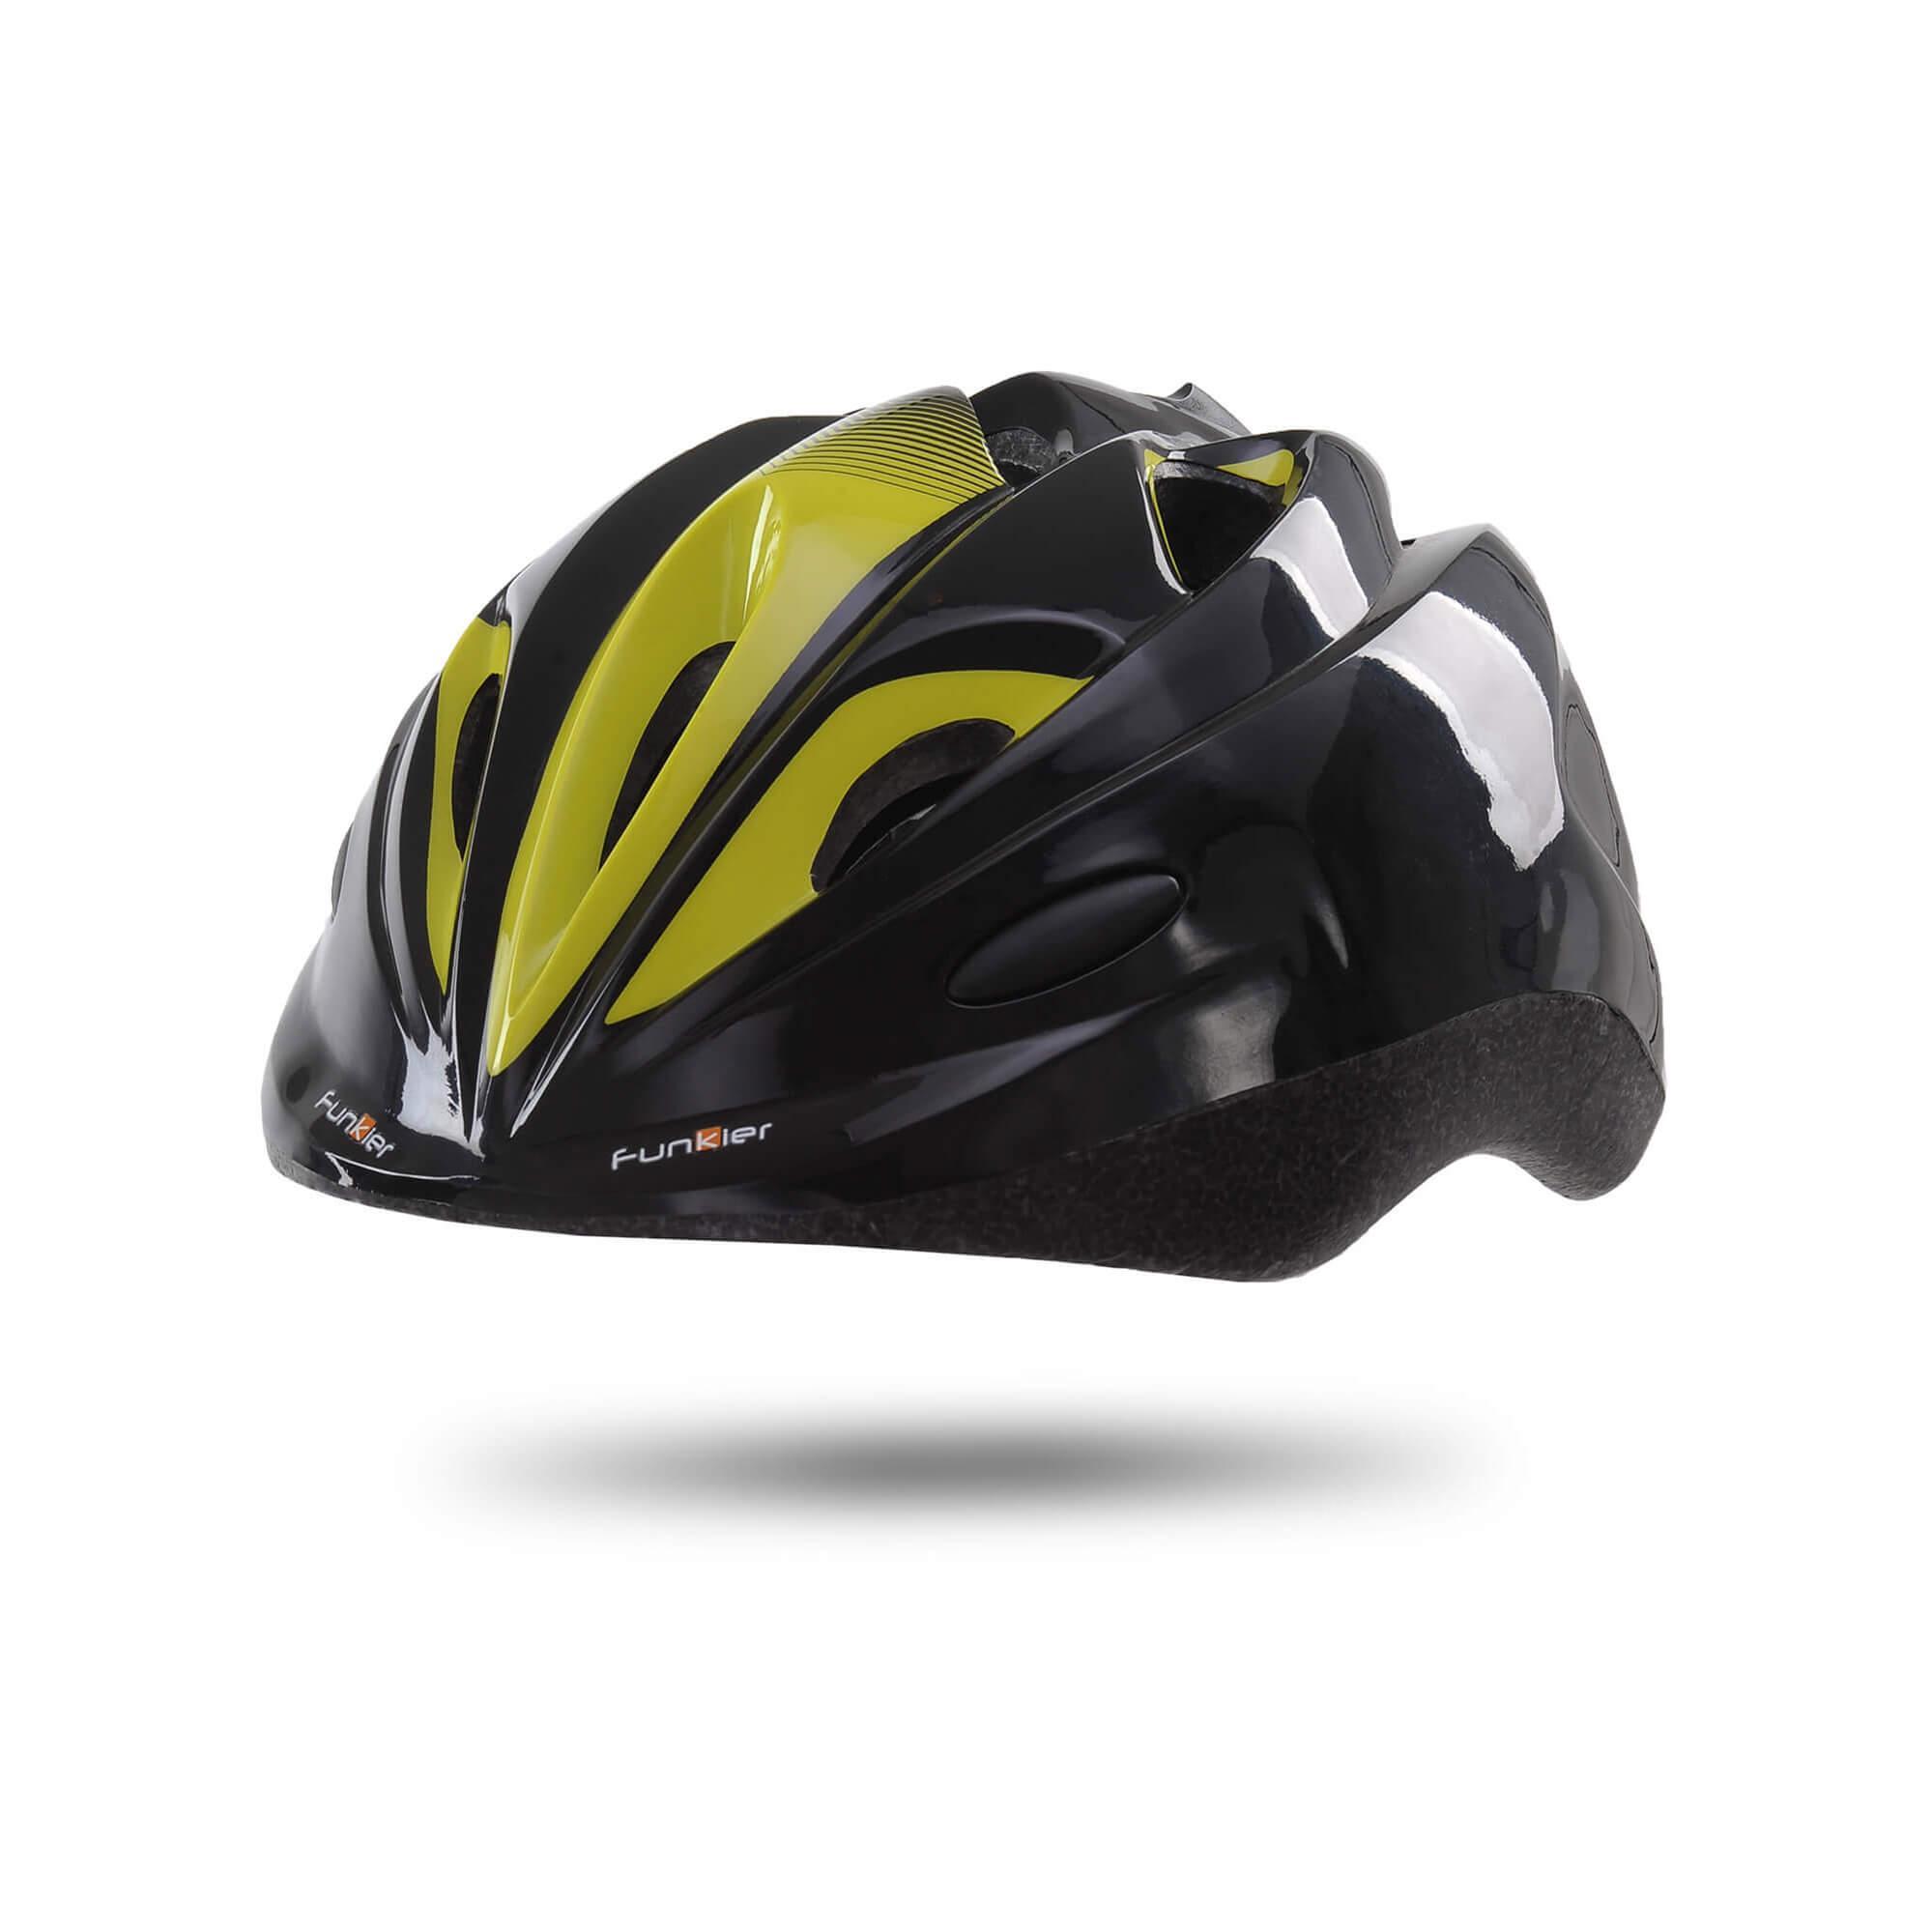 56366425daf Funkier Avior Kids  Bike Bicycle Helmet (Black)